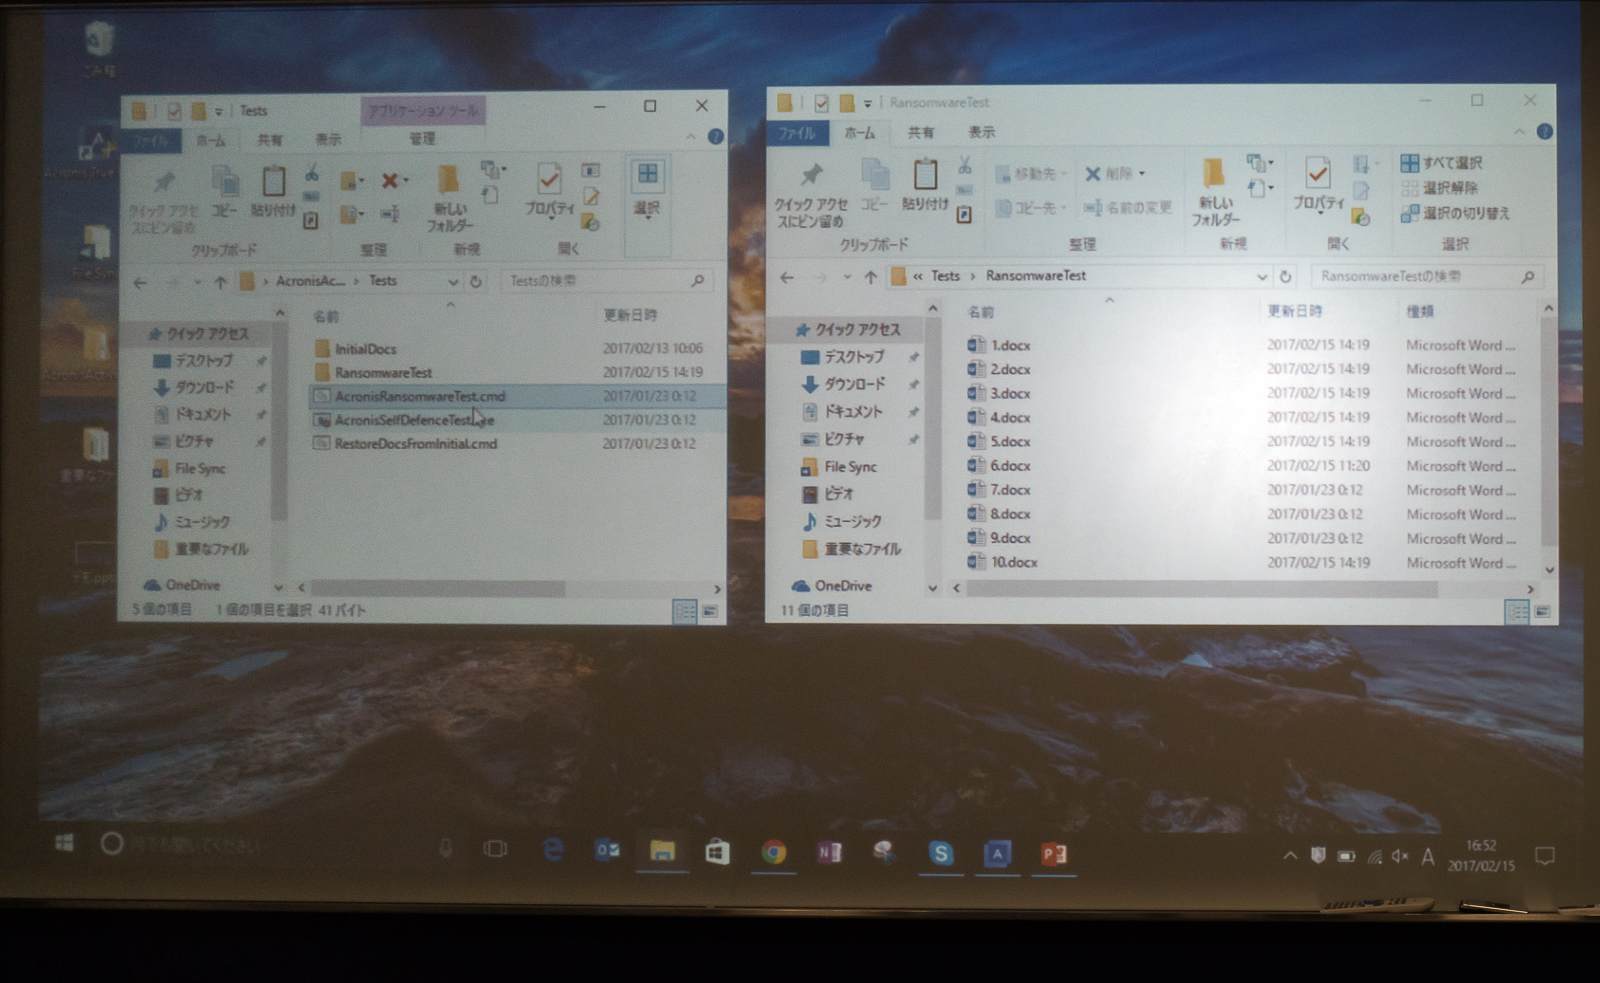 Active Protectionのデモ。左側のウインドウにランサムウェアのデモファイルがあり、右側がターゲットとなるデータ